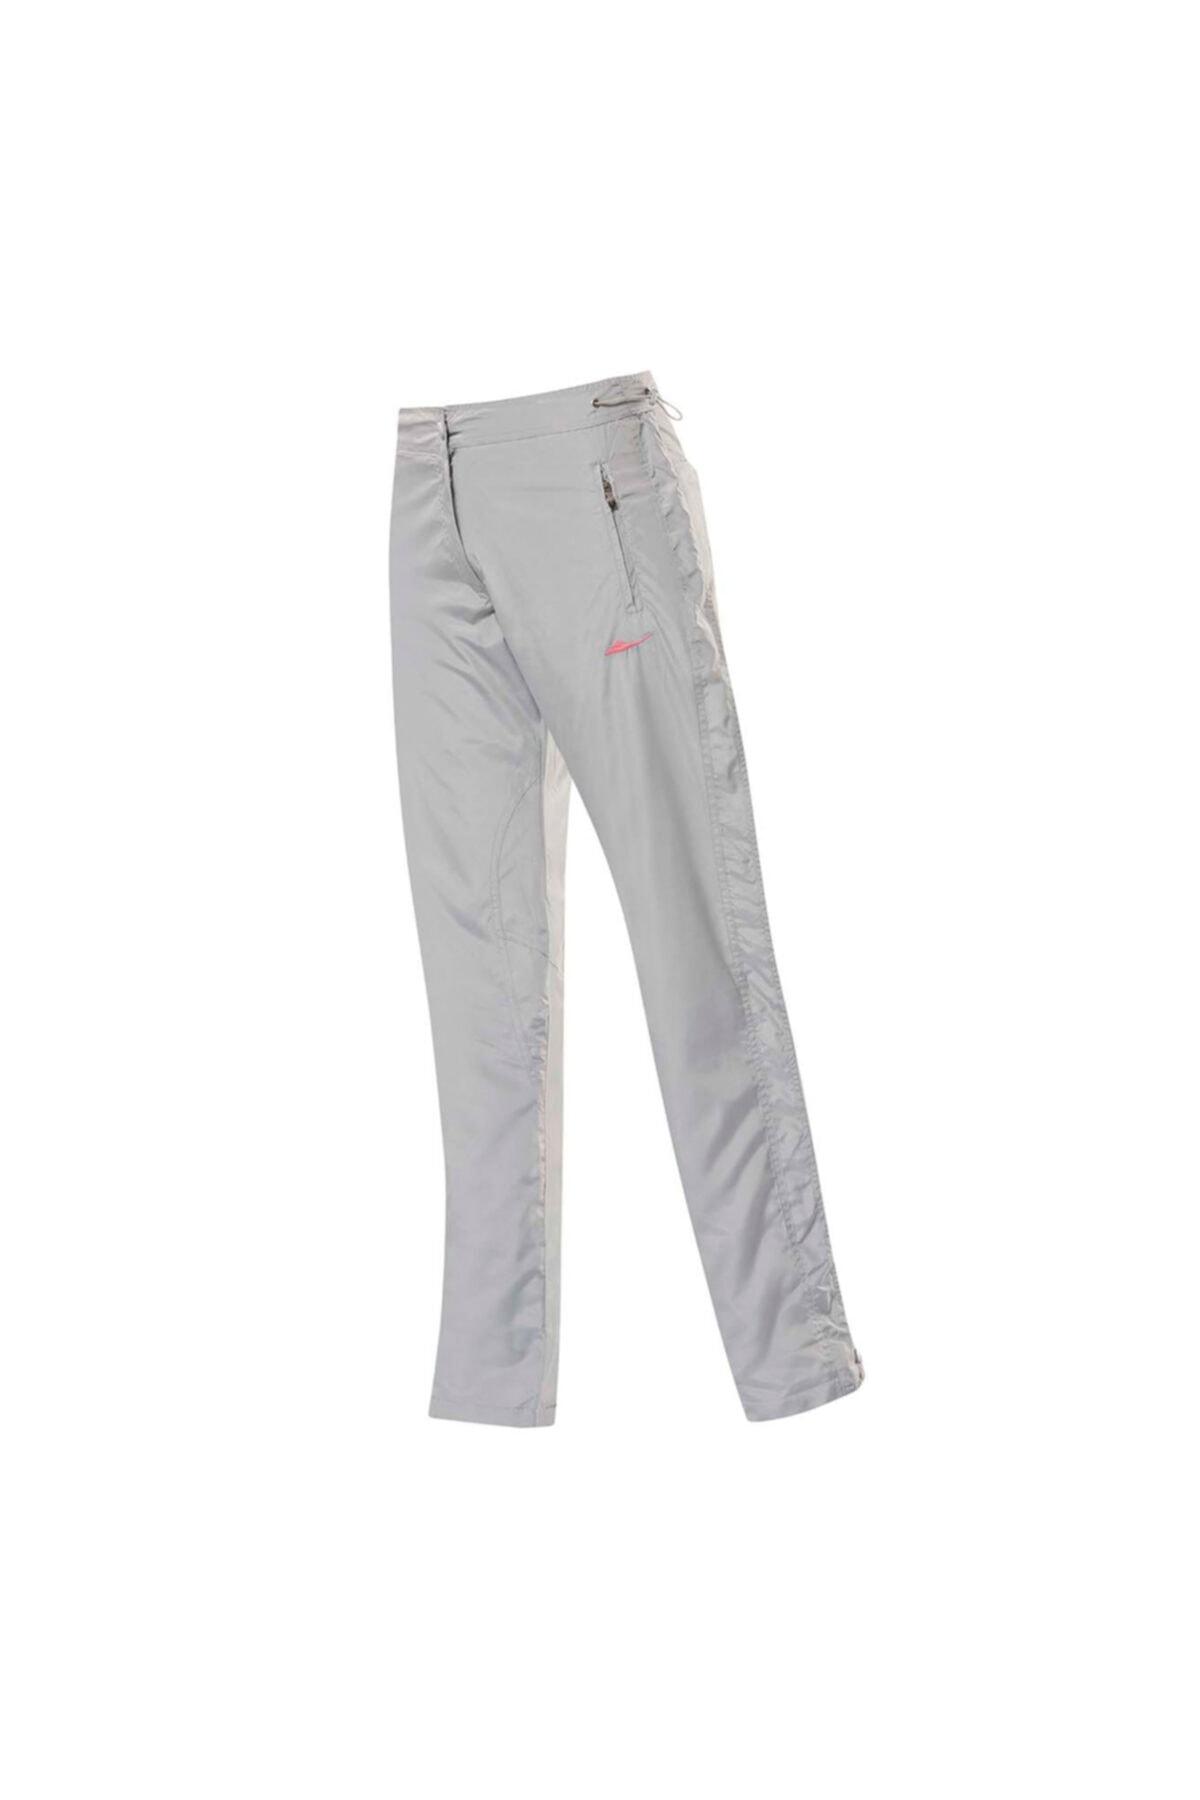 TRYON Micro Pantolon Elenore 1